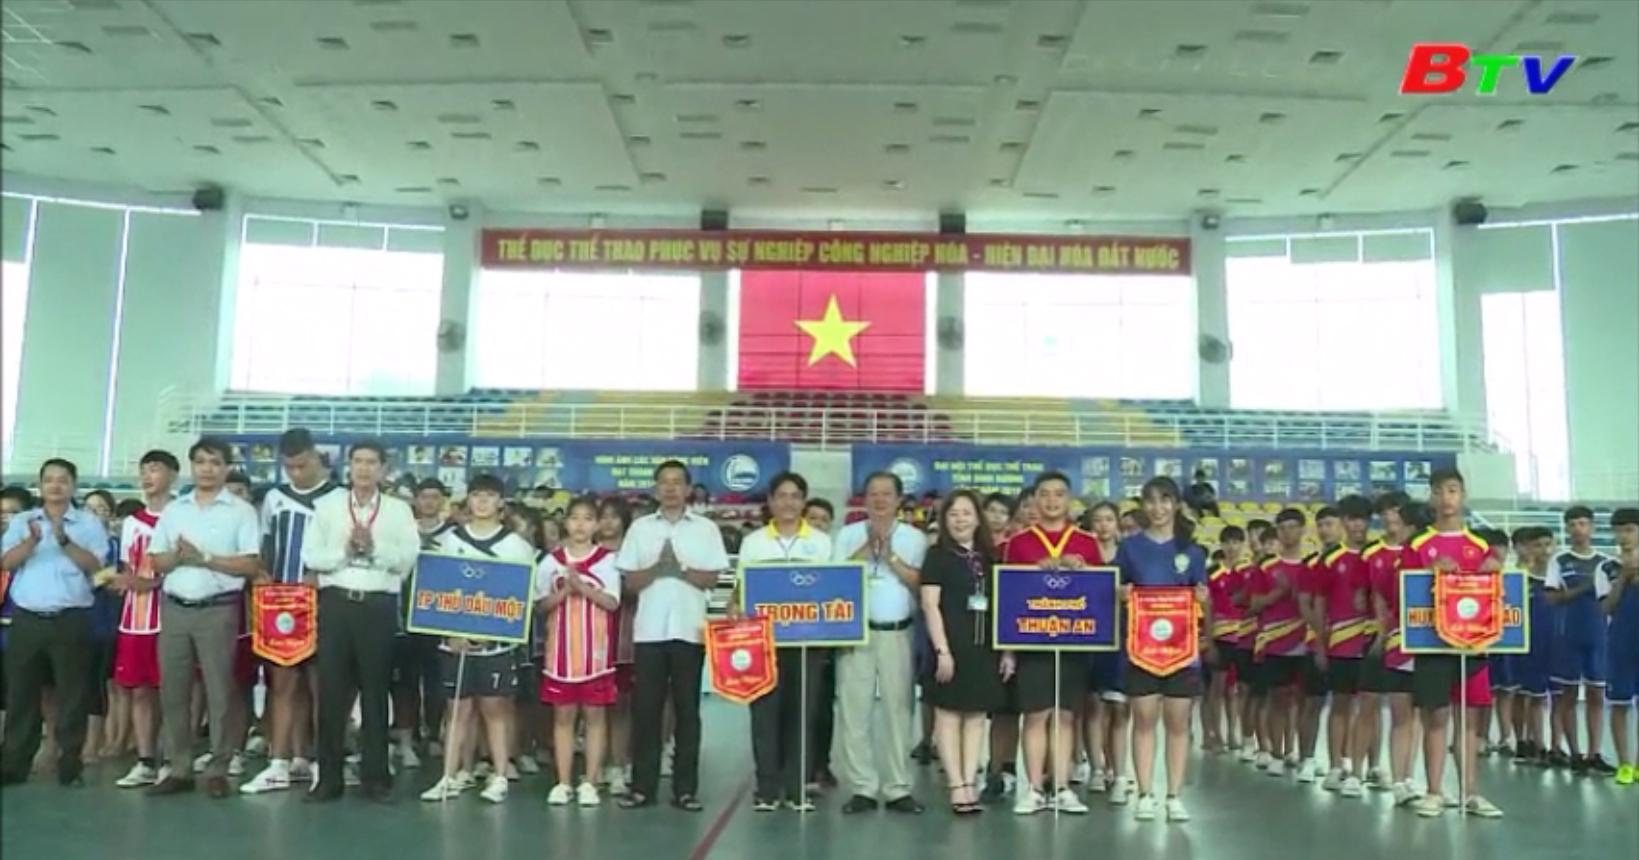 Khai mạc Hội thao Hè tỉnh Bình Dương năm 2020